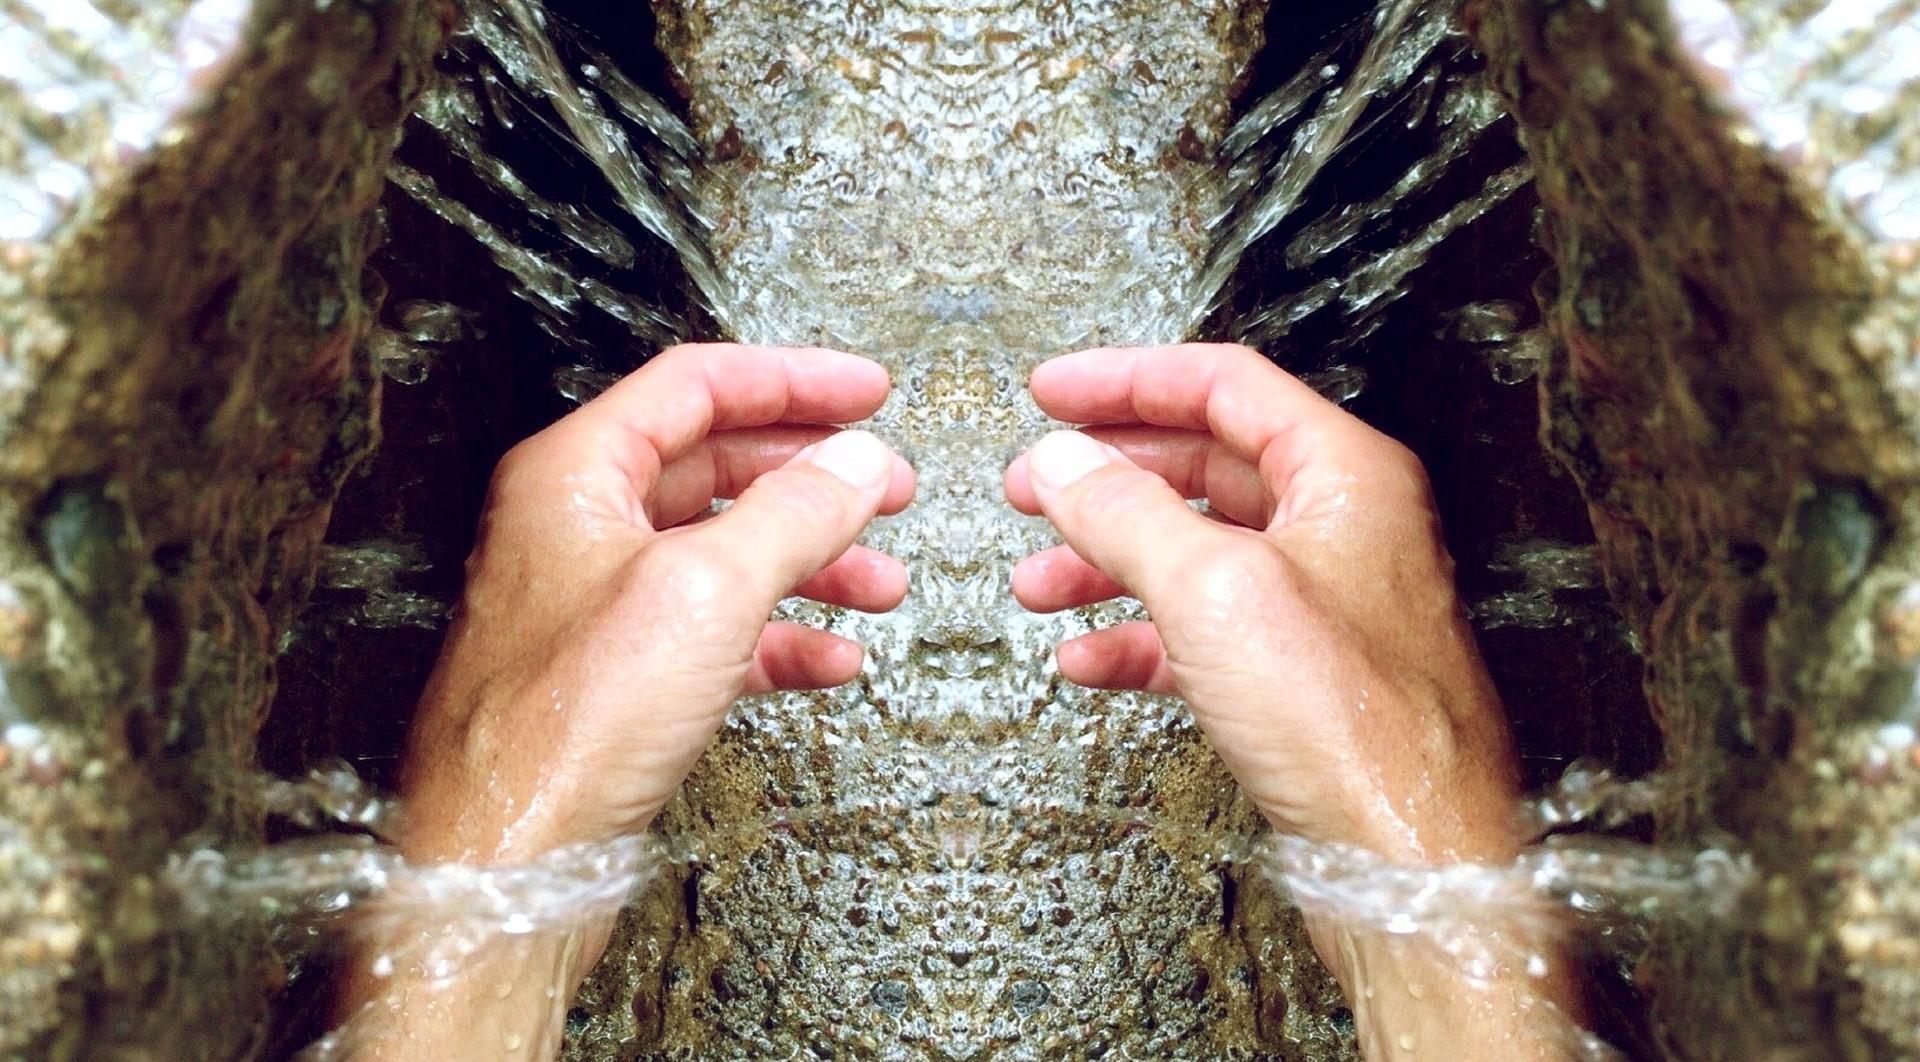 hands-809870_1920_edit